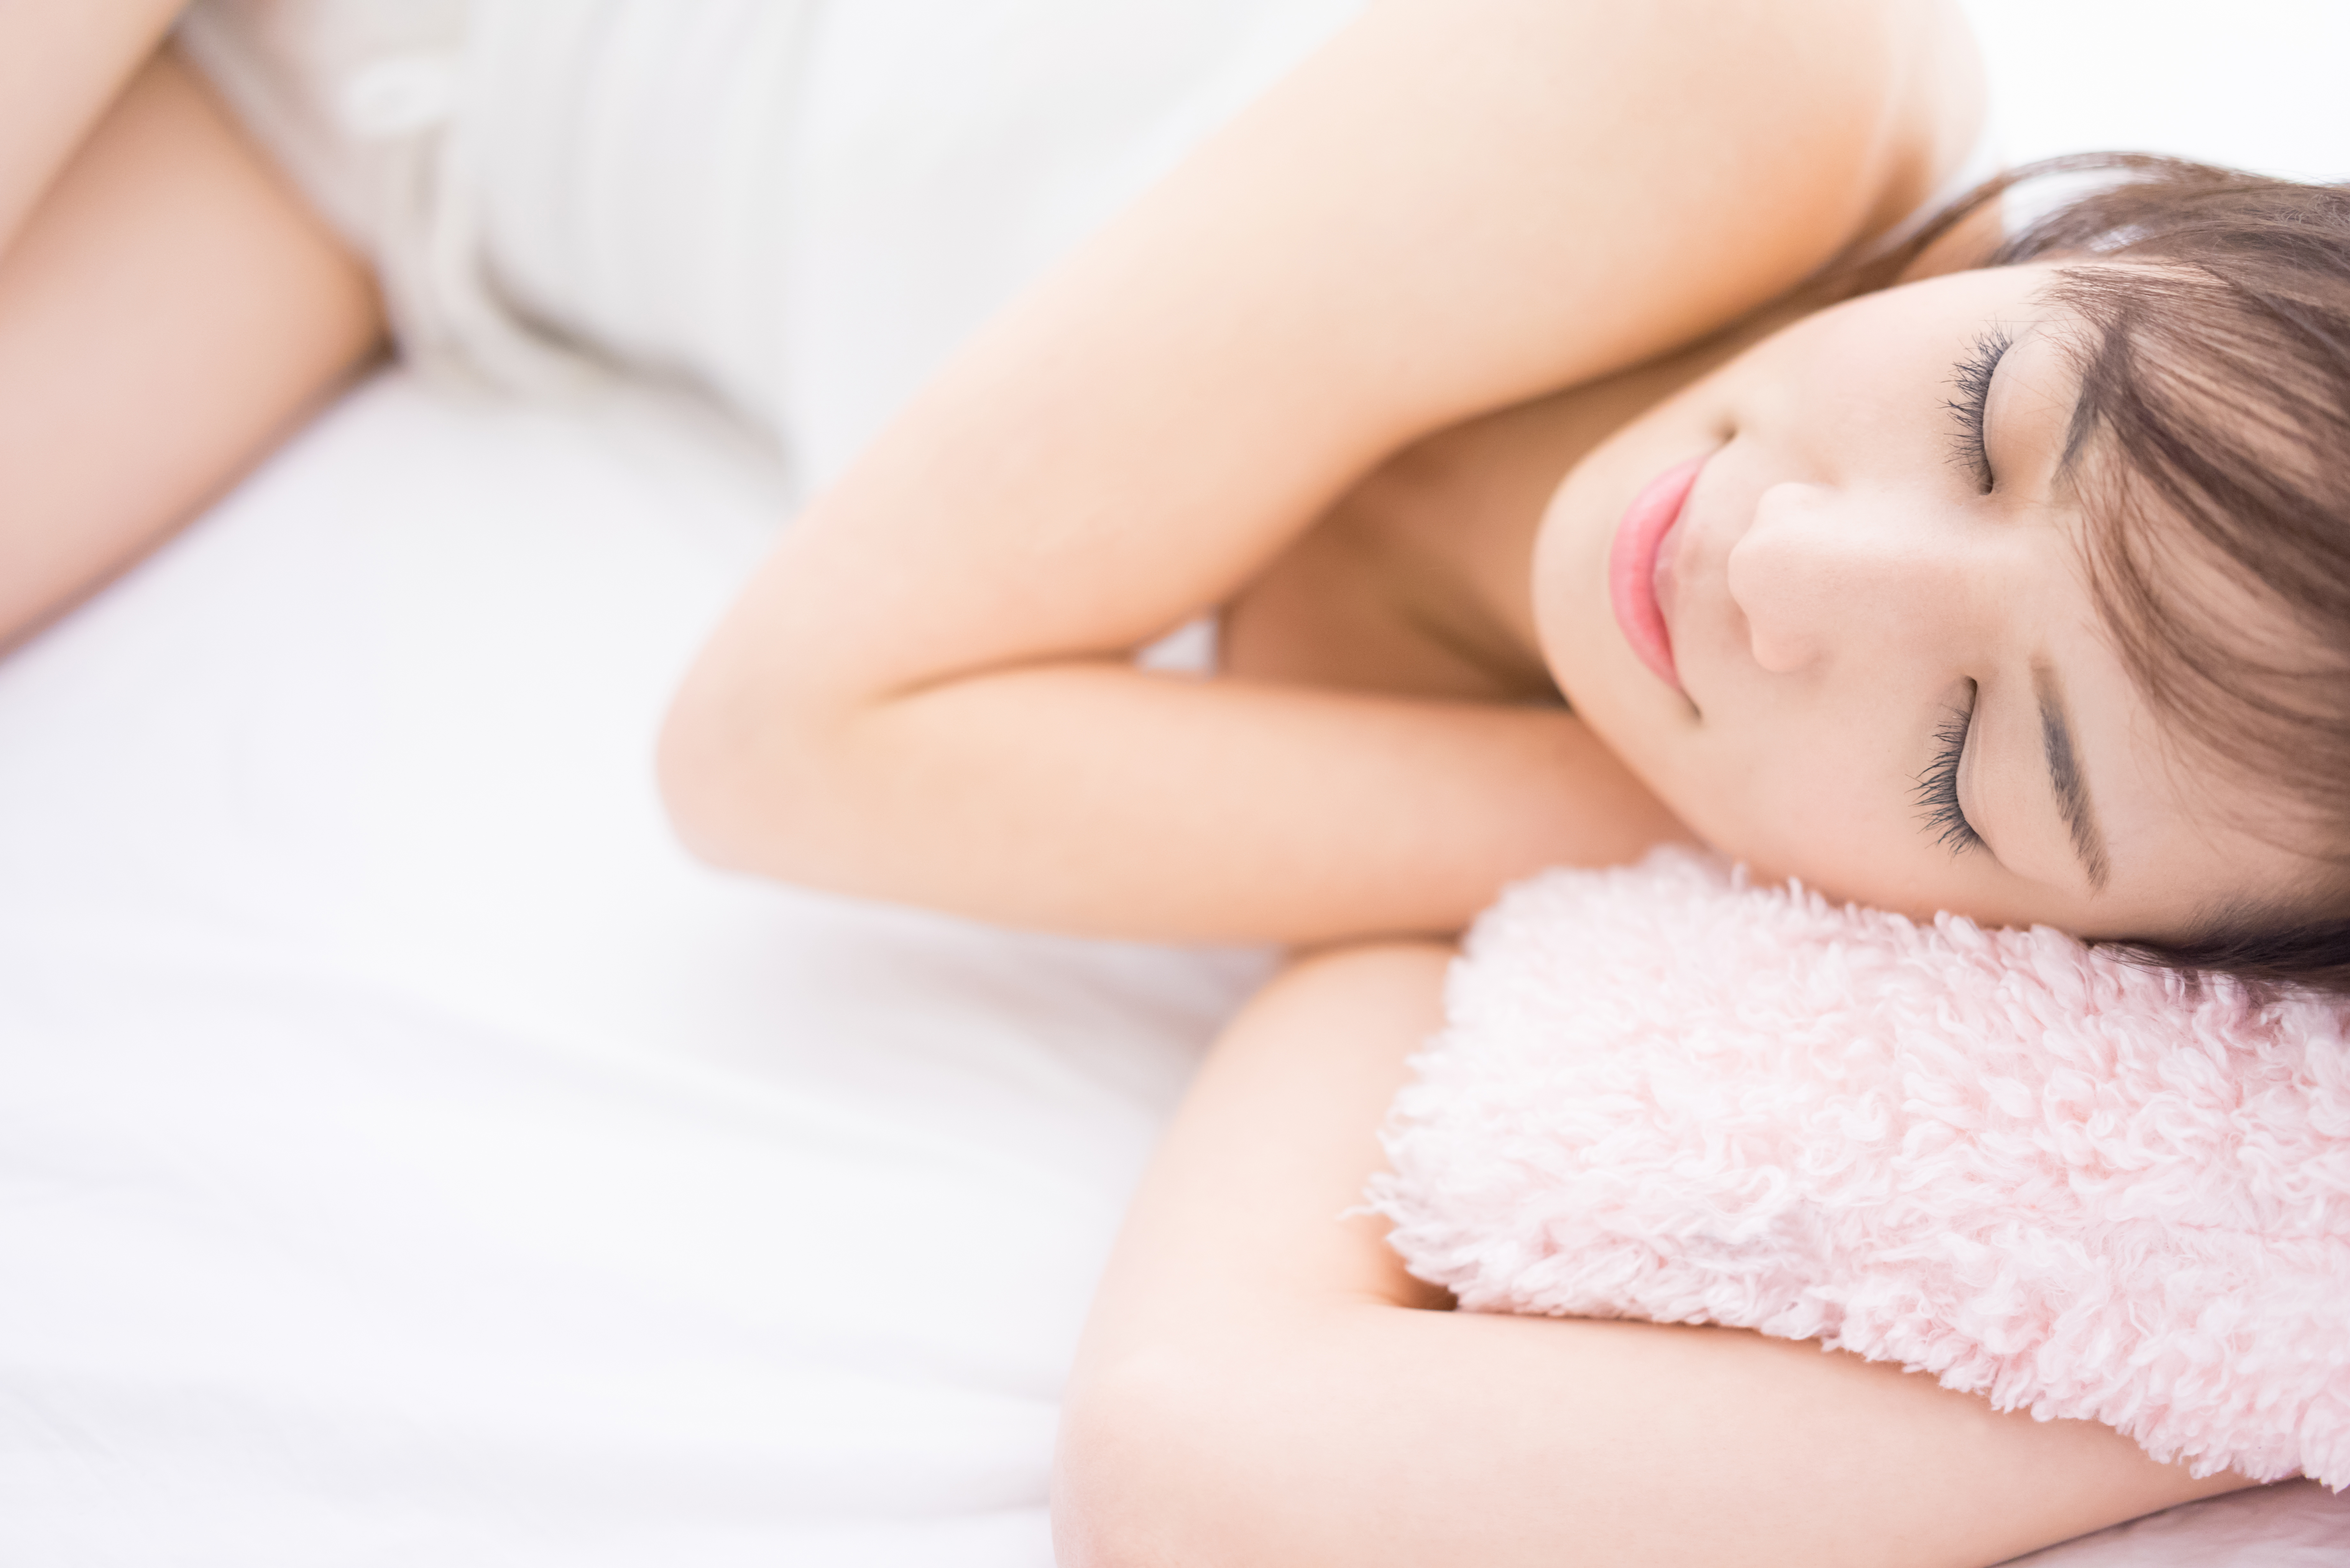 Letto Morbido O Duro : Cuscino memory o cuscino in lattice quale è il migliore